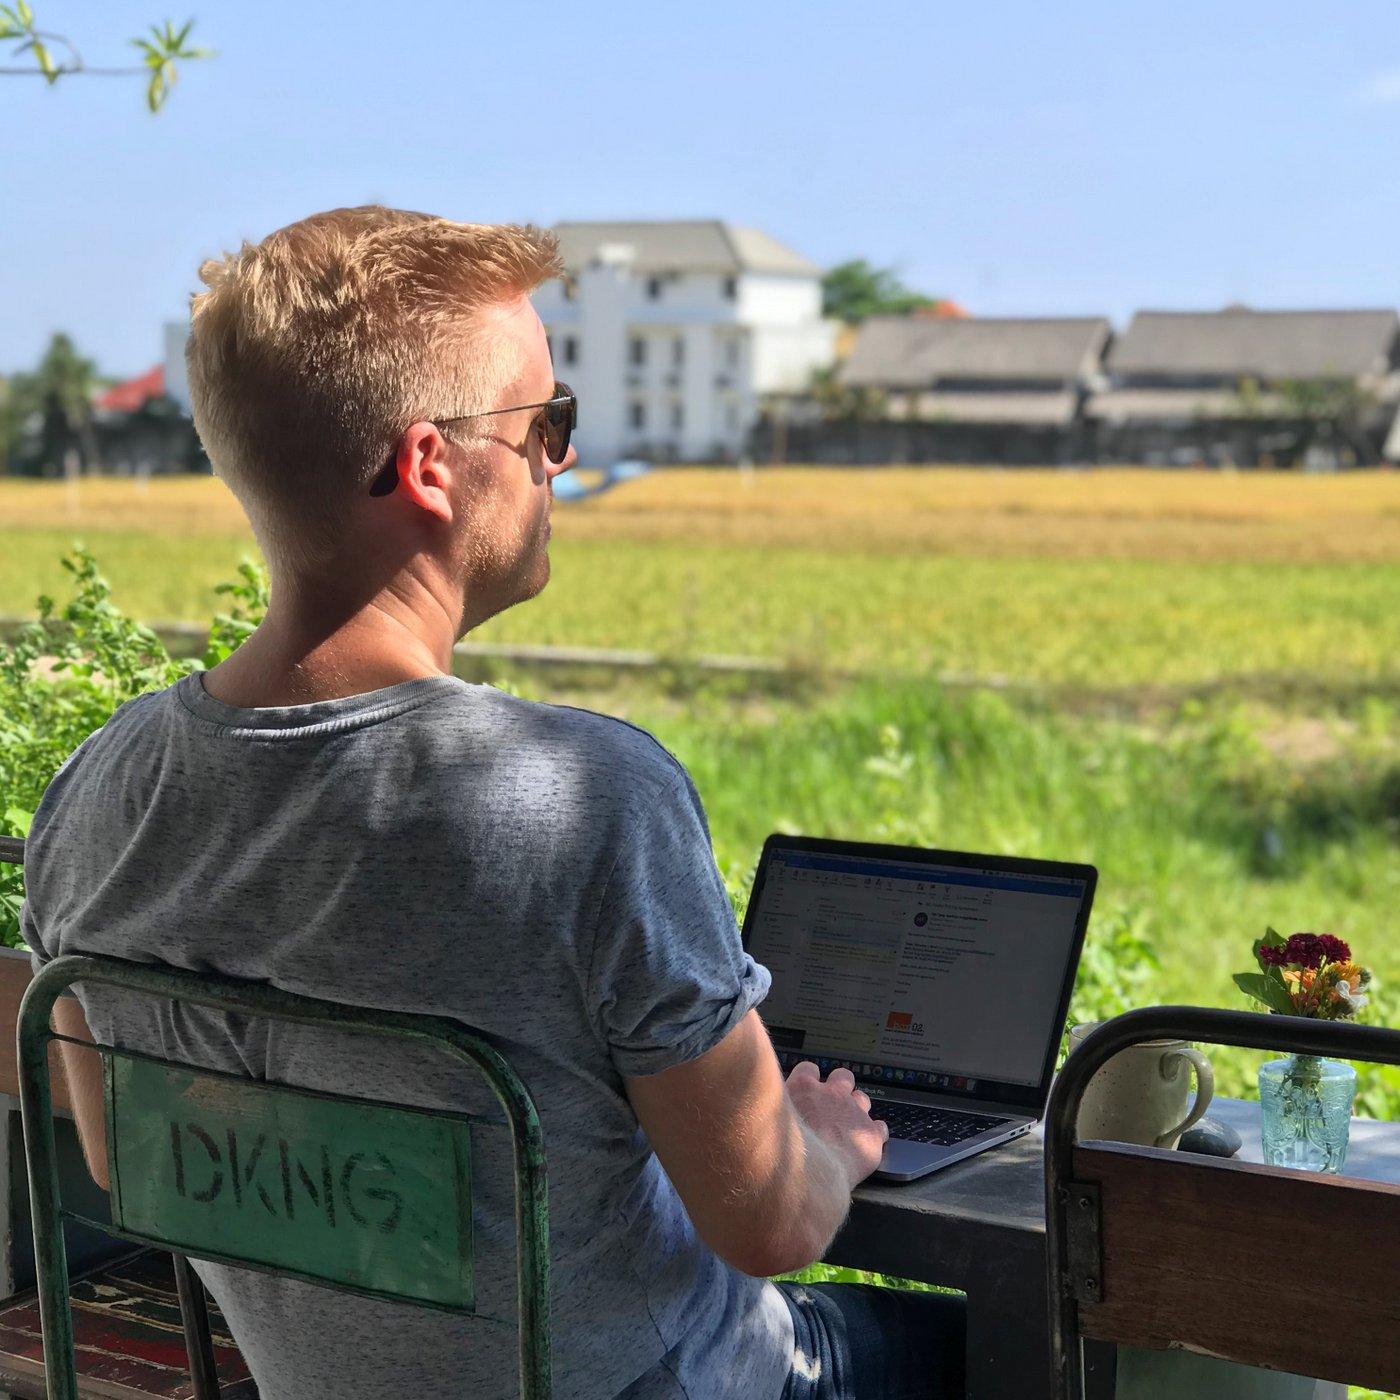 Wie halte ich mich im Ausland auf, ohne dass es mein Geschäftspartner merkt? | Update 2019